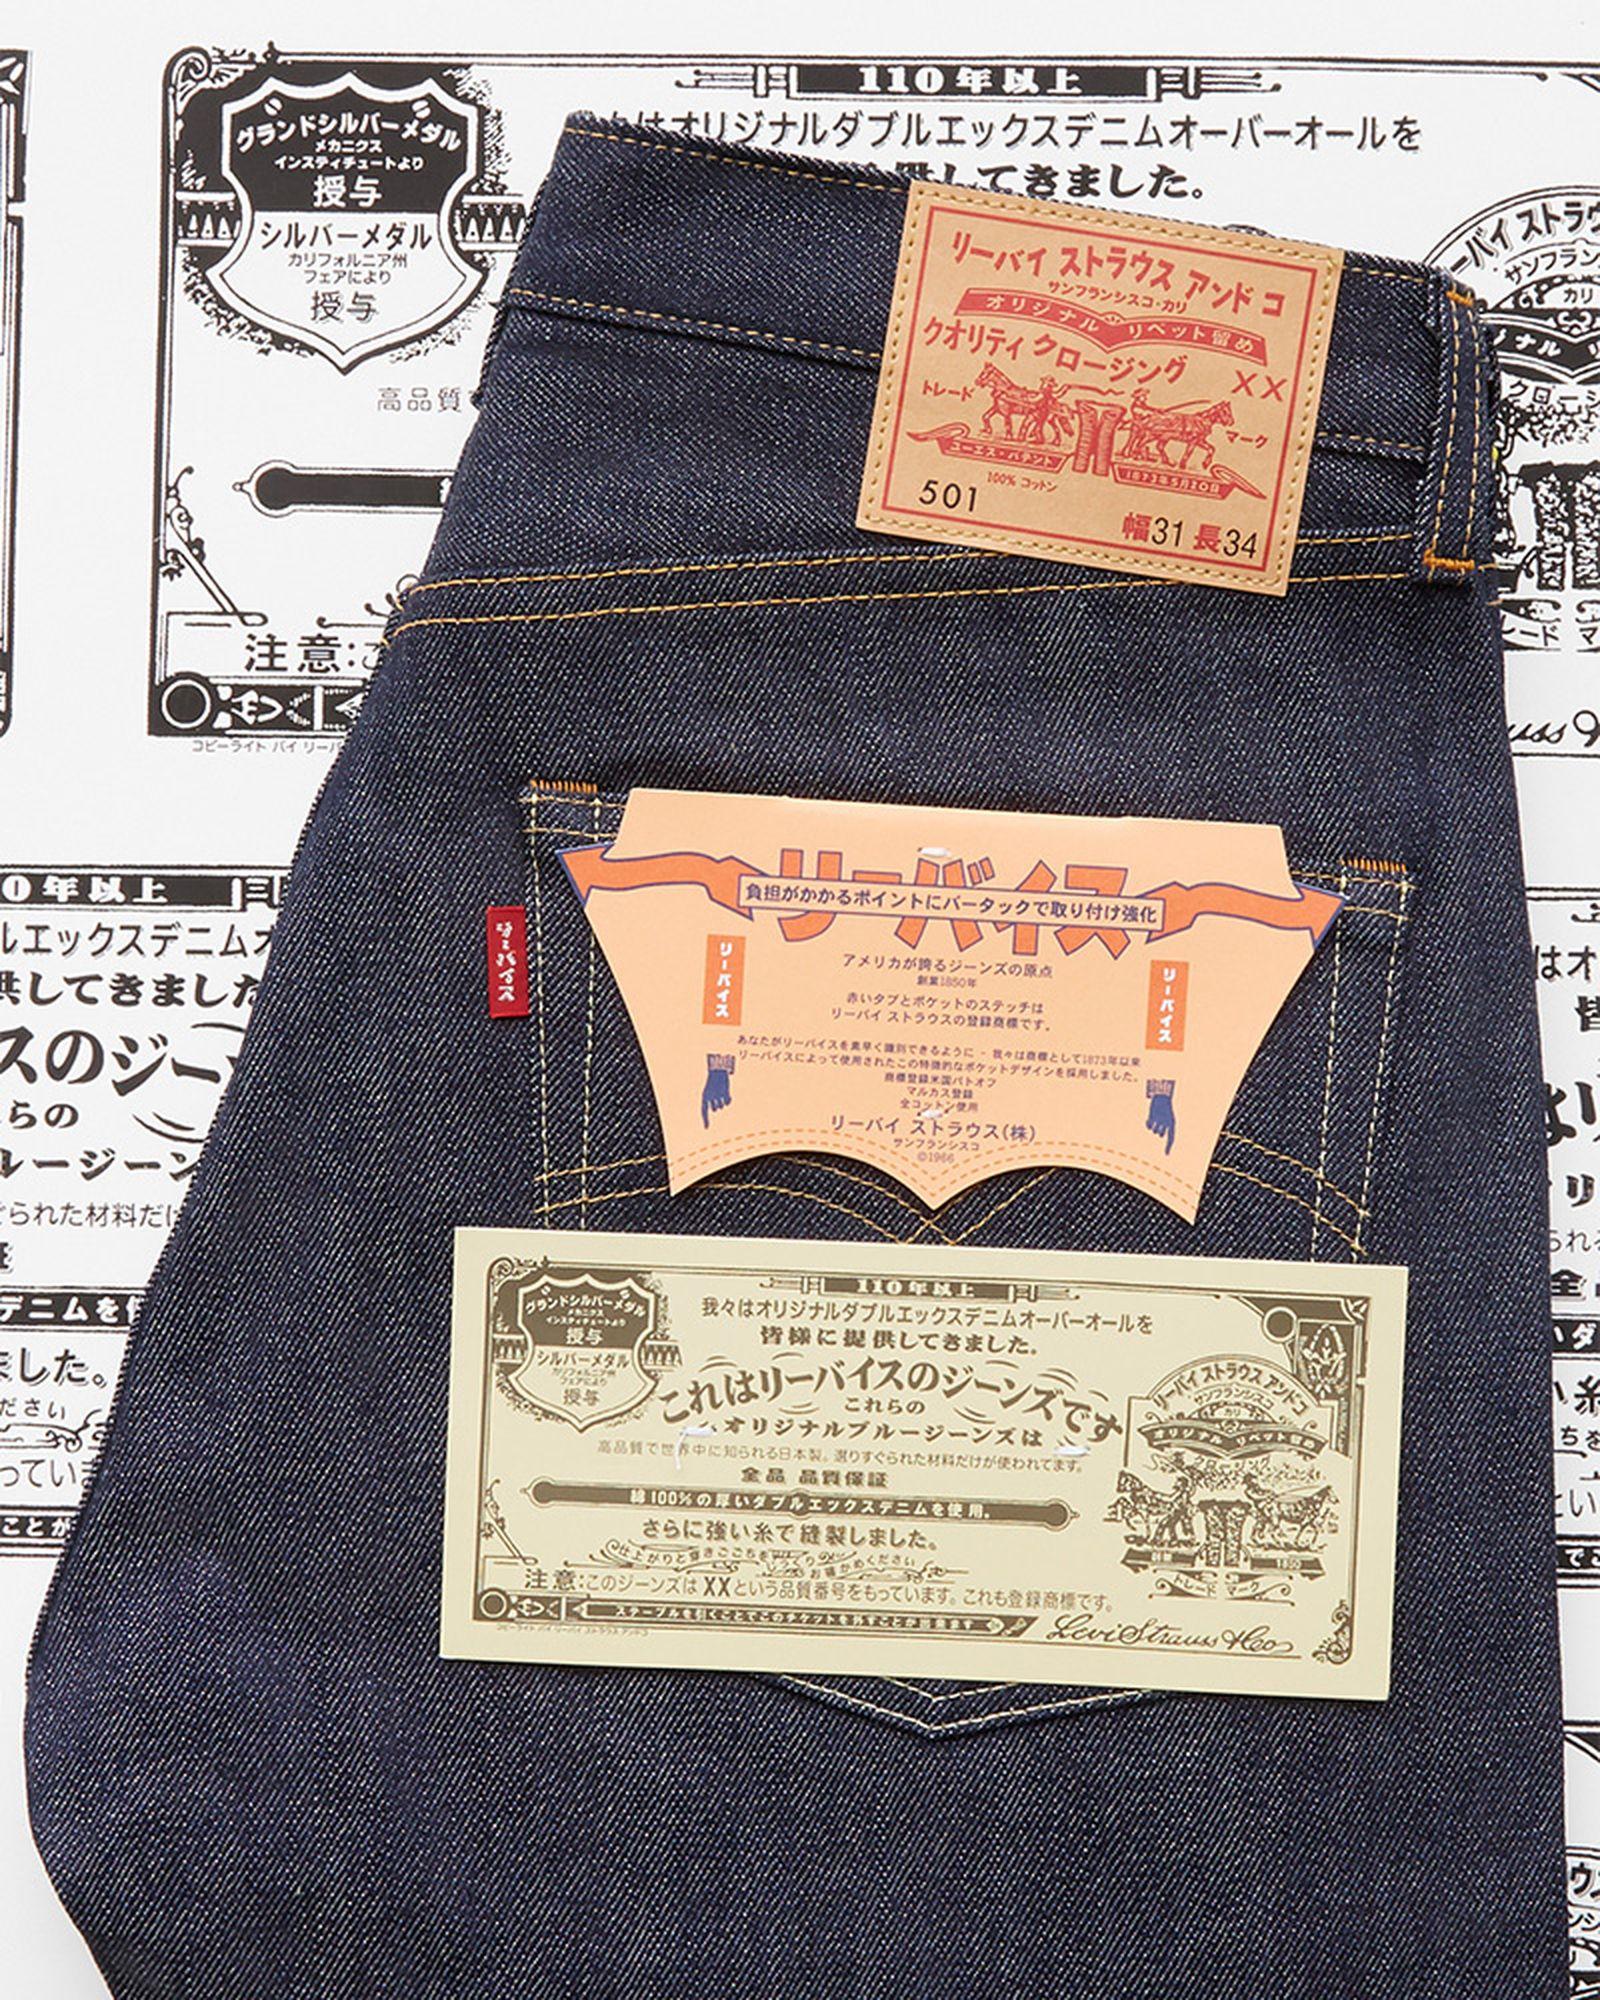 Levi's Vintage Clothing 1966 'Japan' 501 jeans